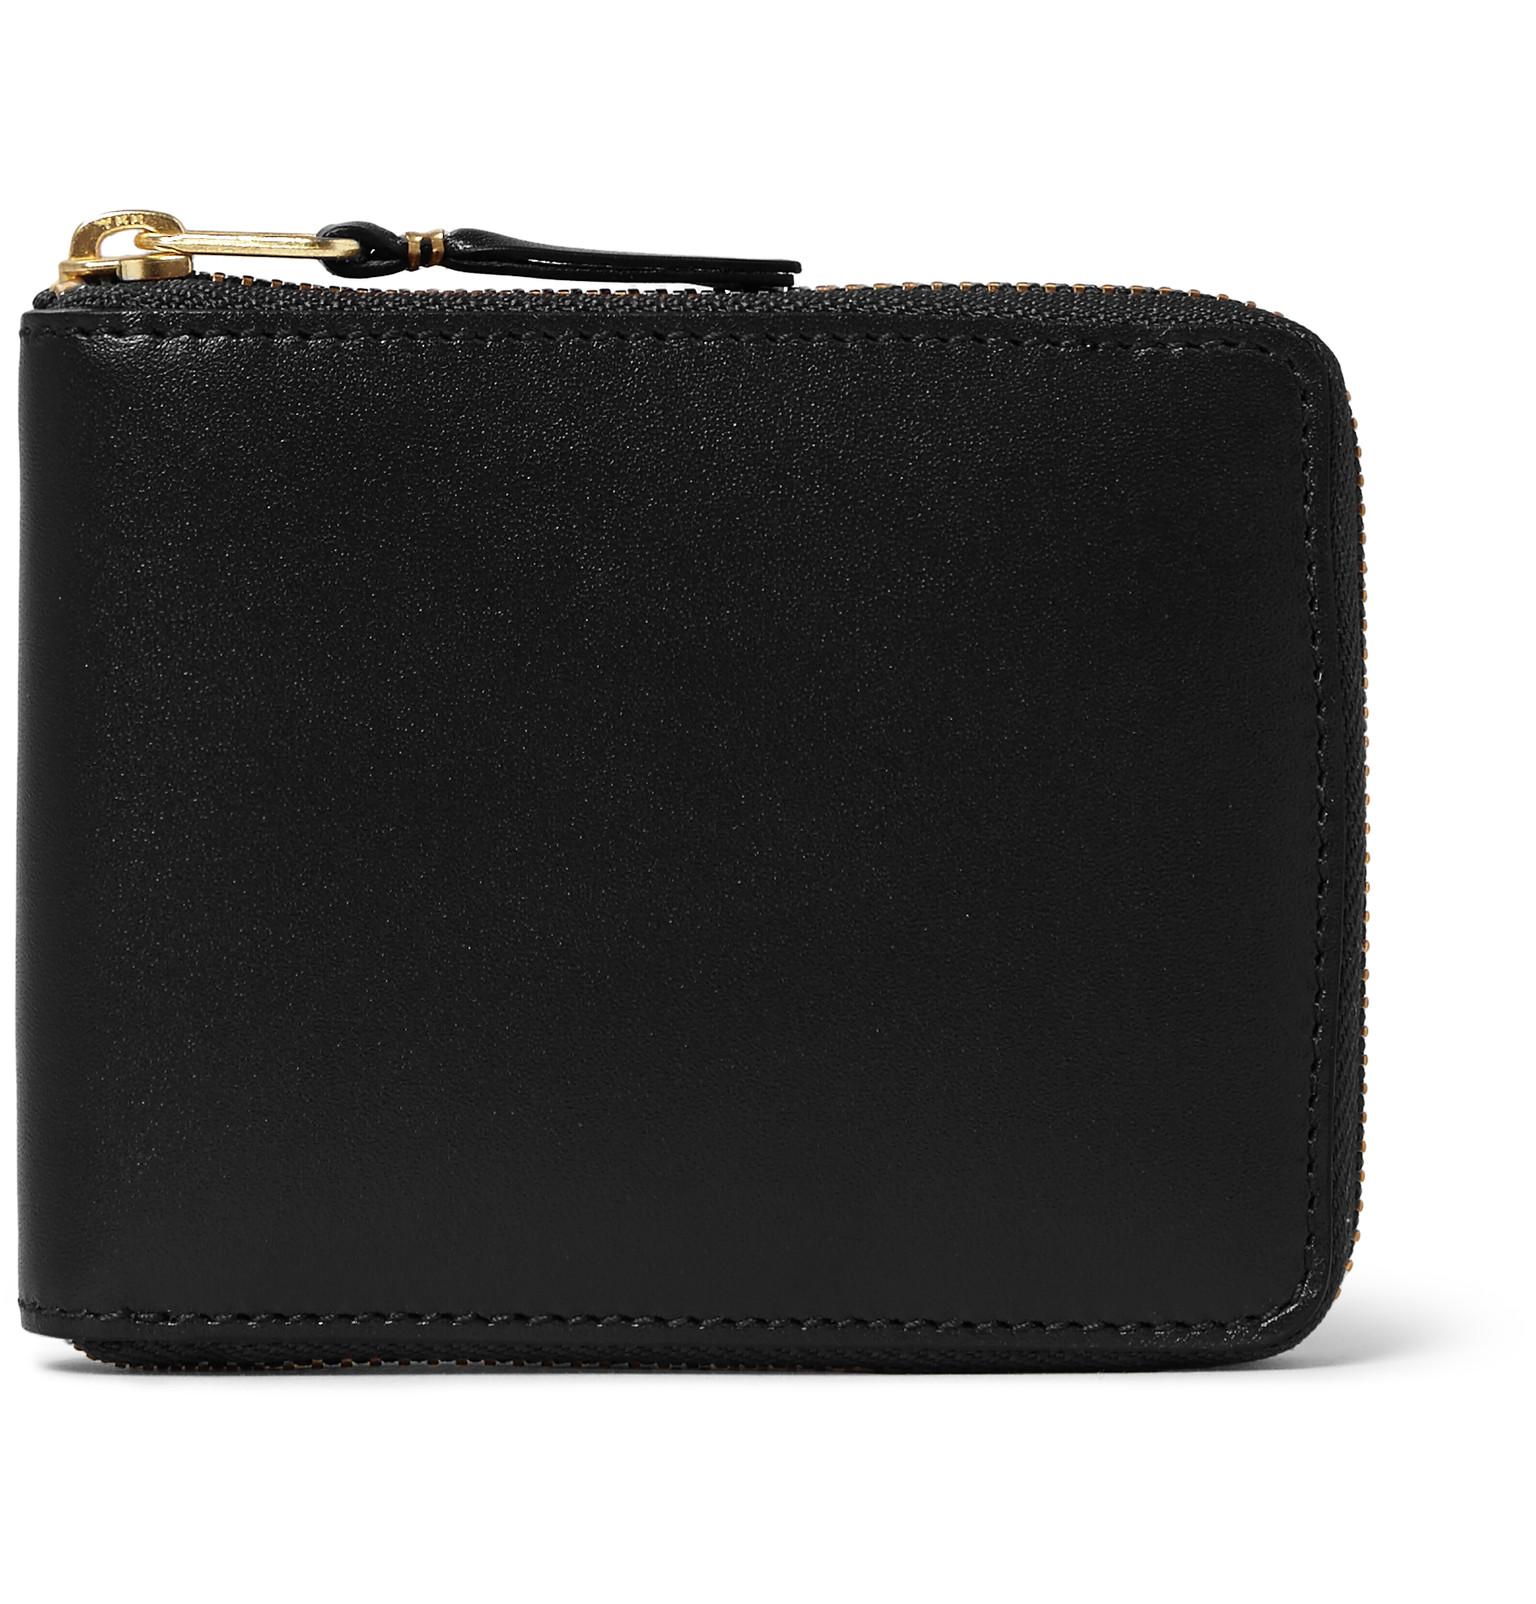 Comme Des Garcons Blazer | Comme De Garcons Wallet | Commes Des Garcons Wallet